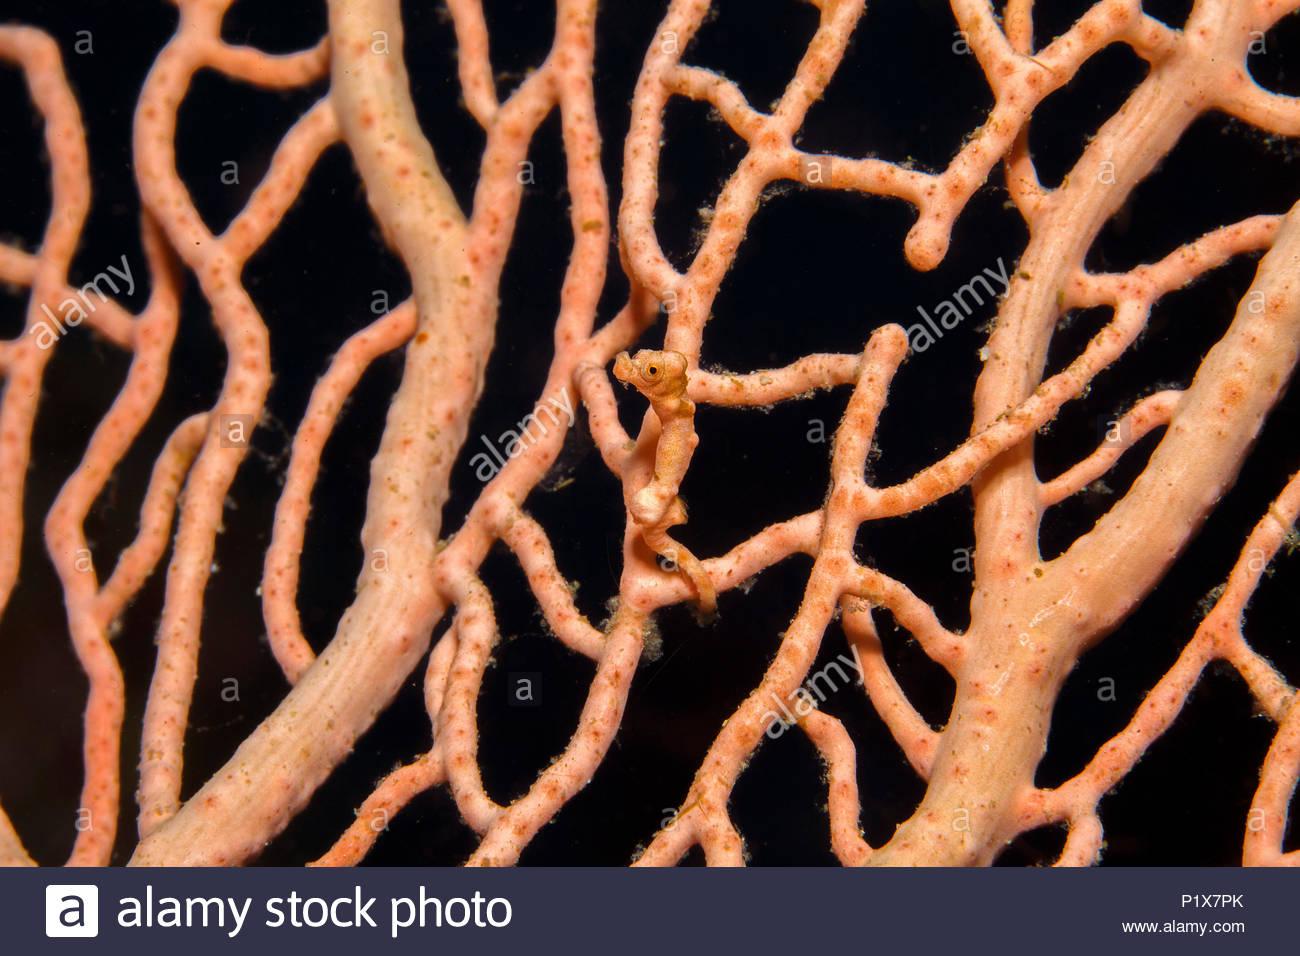 Denise-Zwergseepferdchen (Hippocampus denise), Bali, Indonesien | Denise's pygmy seahorse (Hippocampus denise), Bali, Indonesia - Stock Image